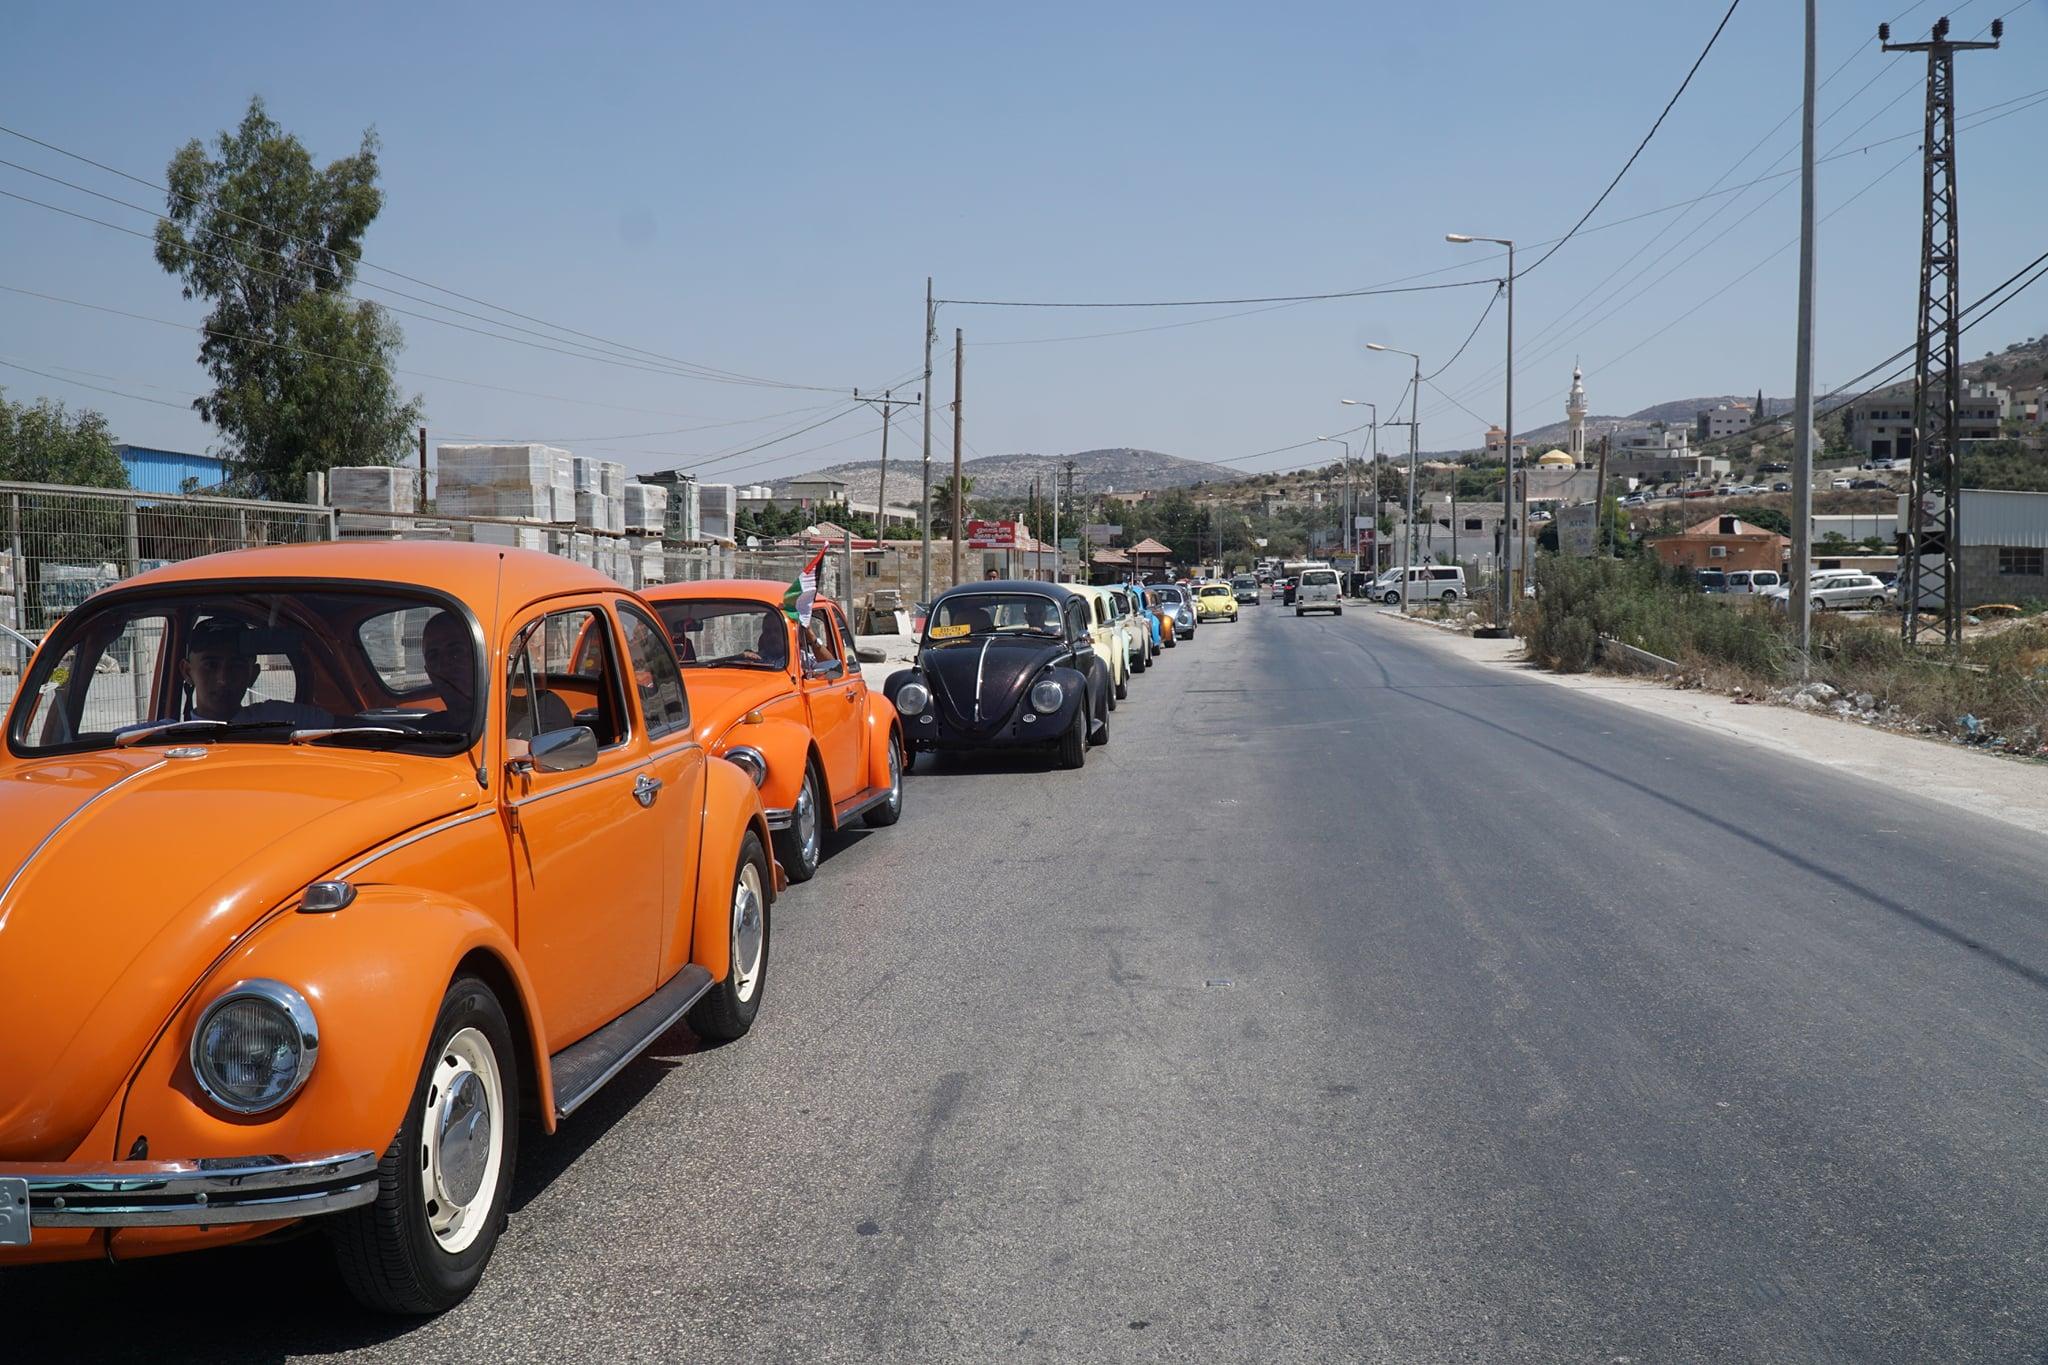 مسيرة للمركبات القديمة في جنين تجسيدا لحق العودة